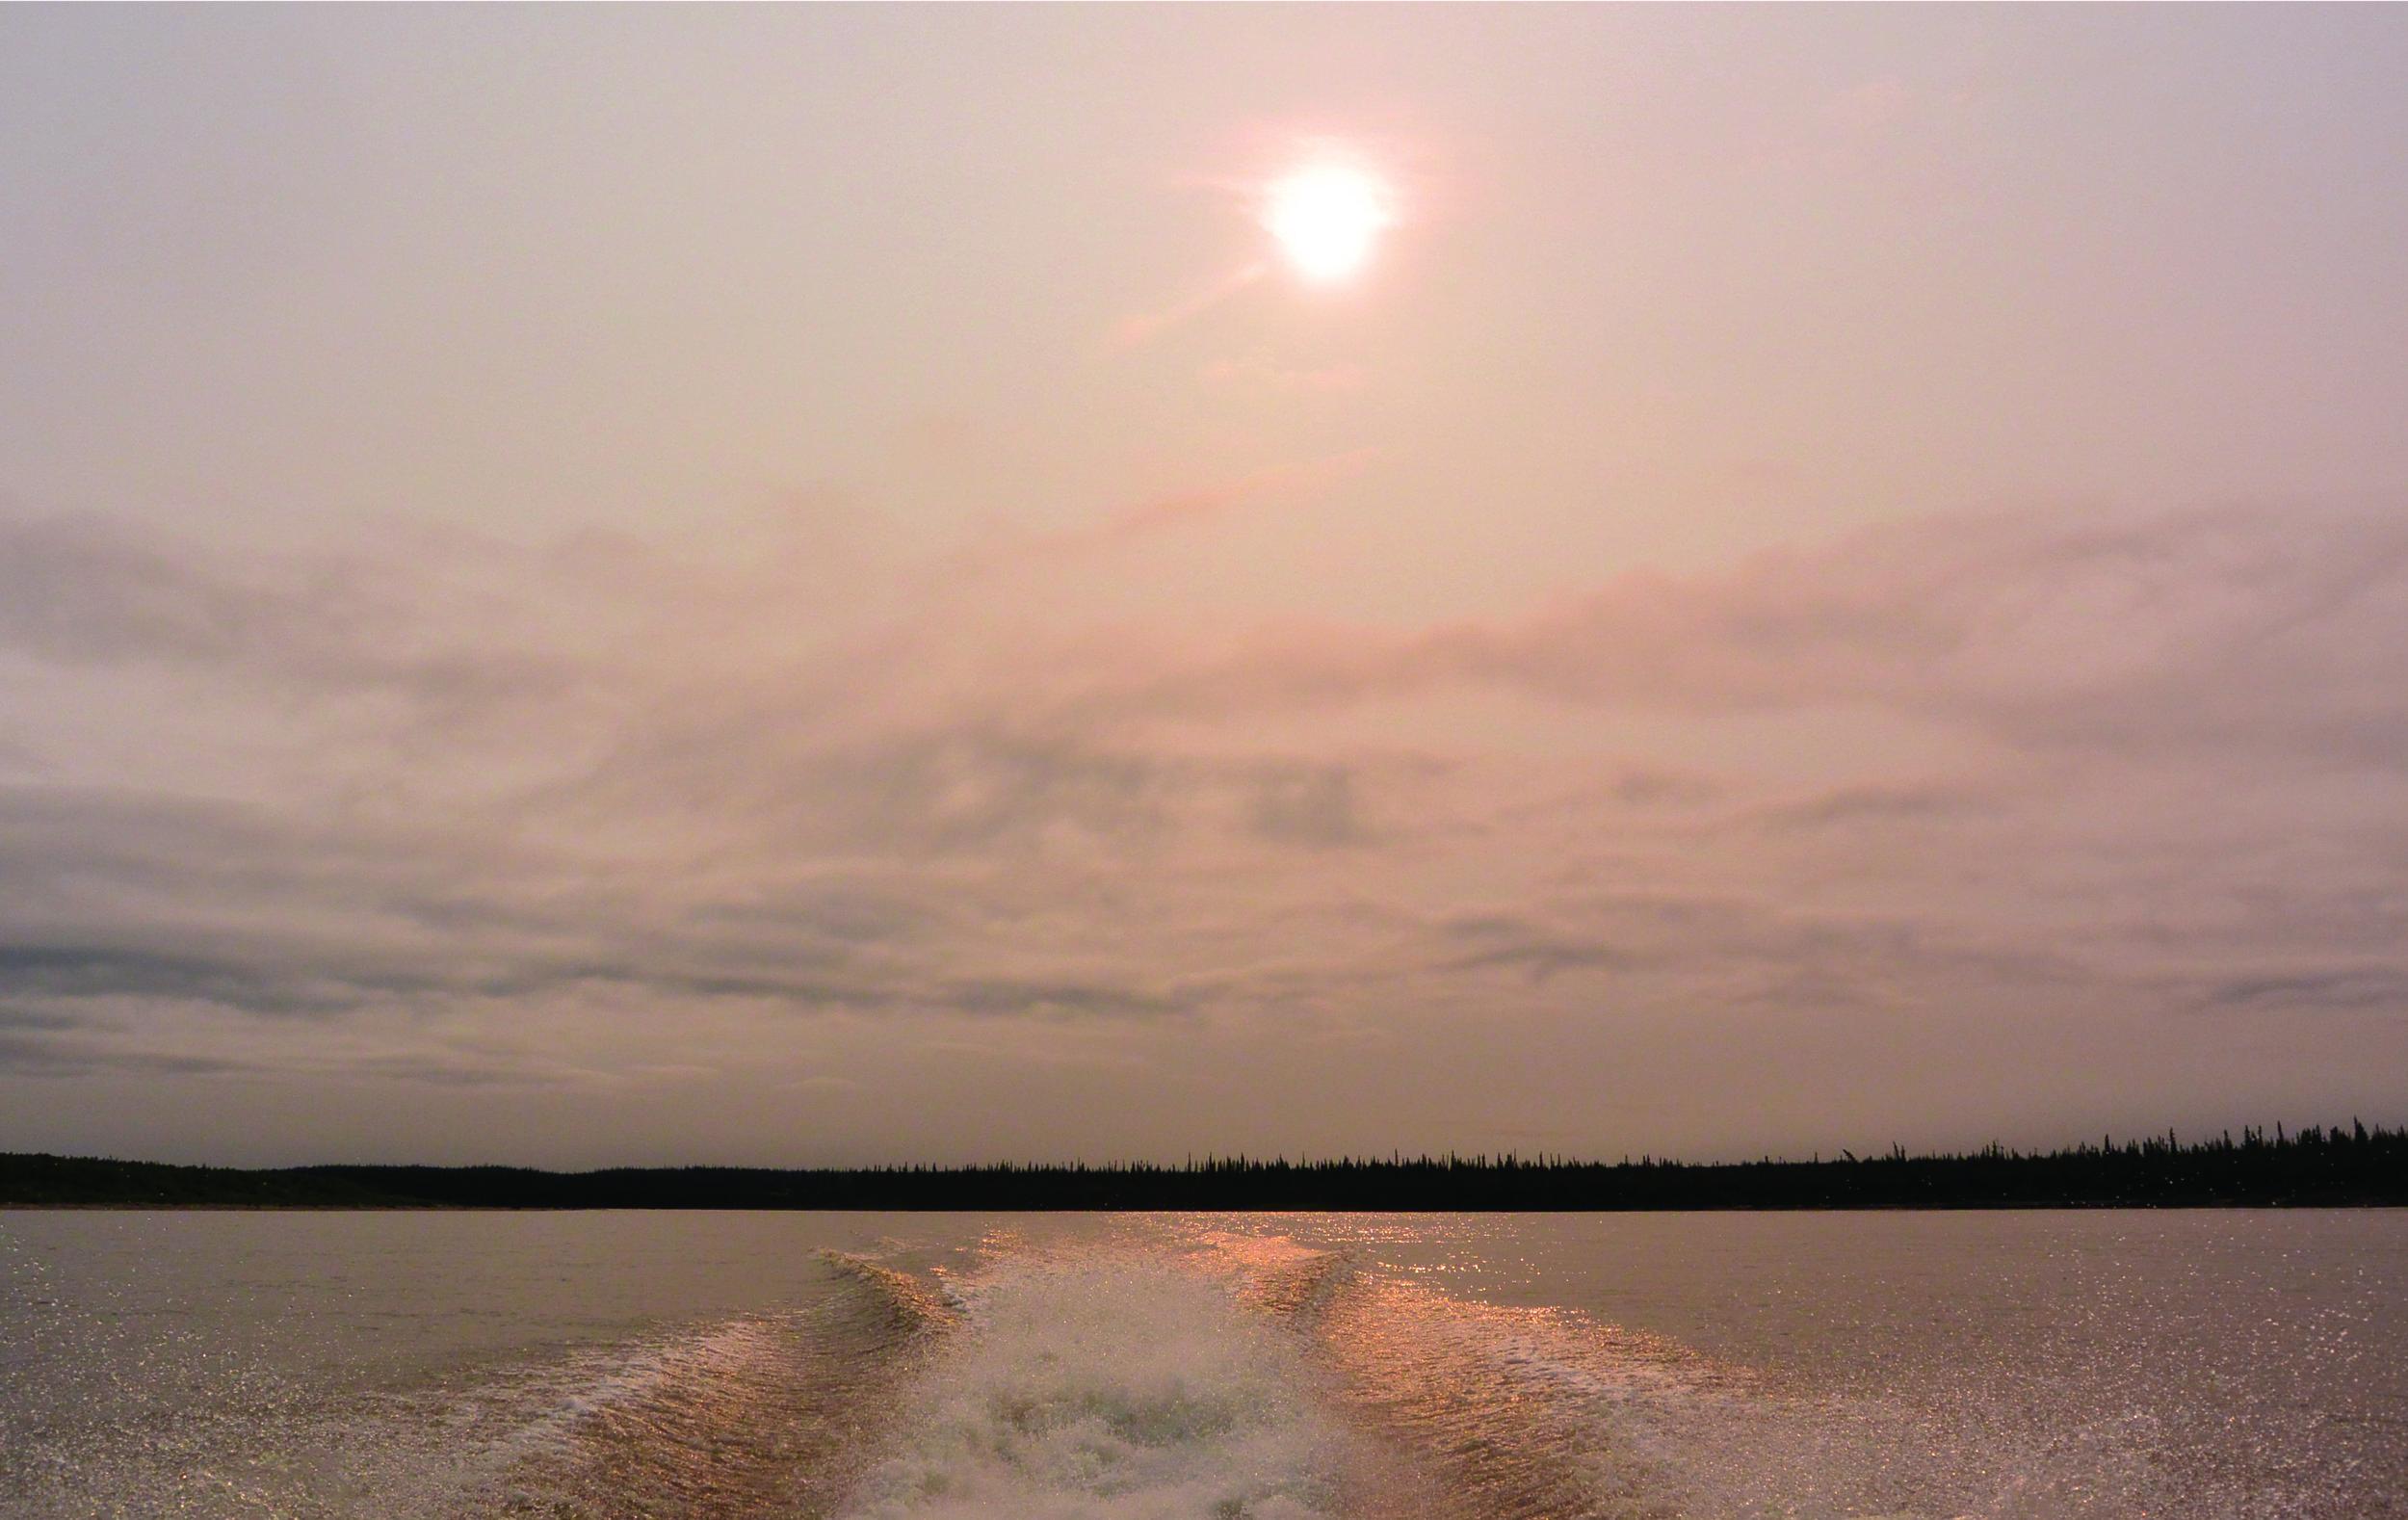 Image 2: Ch'oodèenjik (trans. Porcupine River), Photograph by author